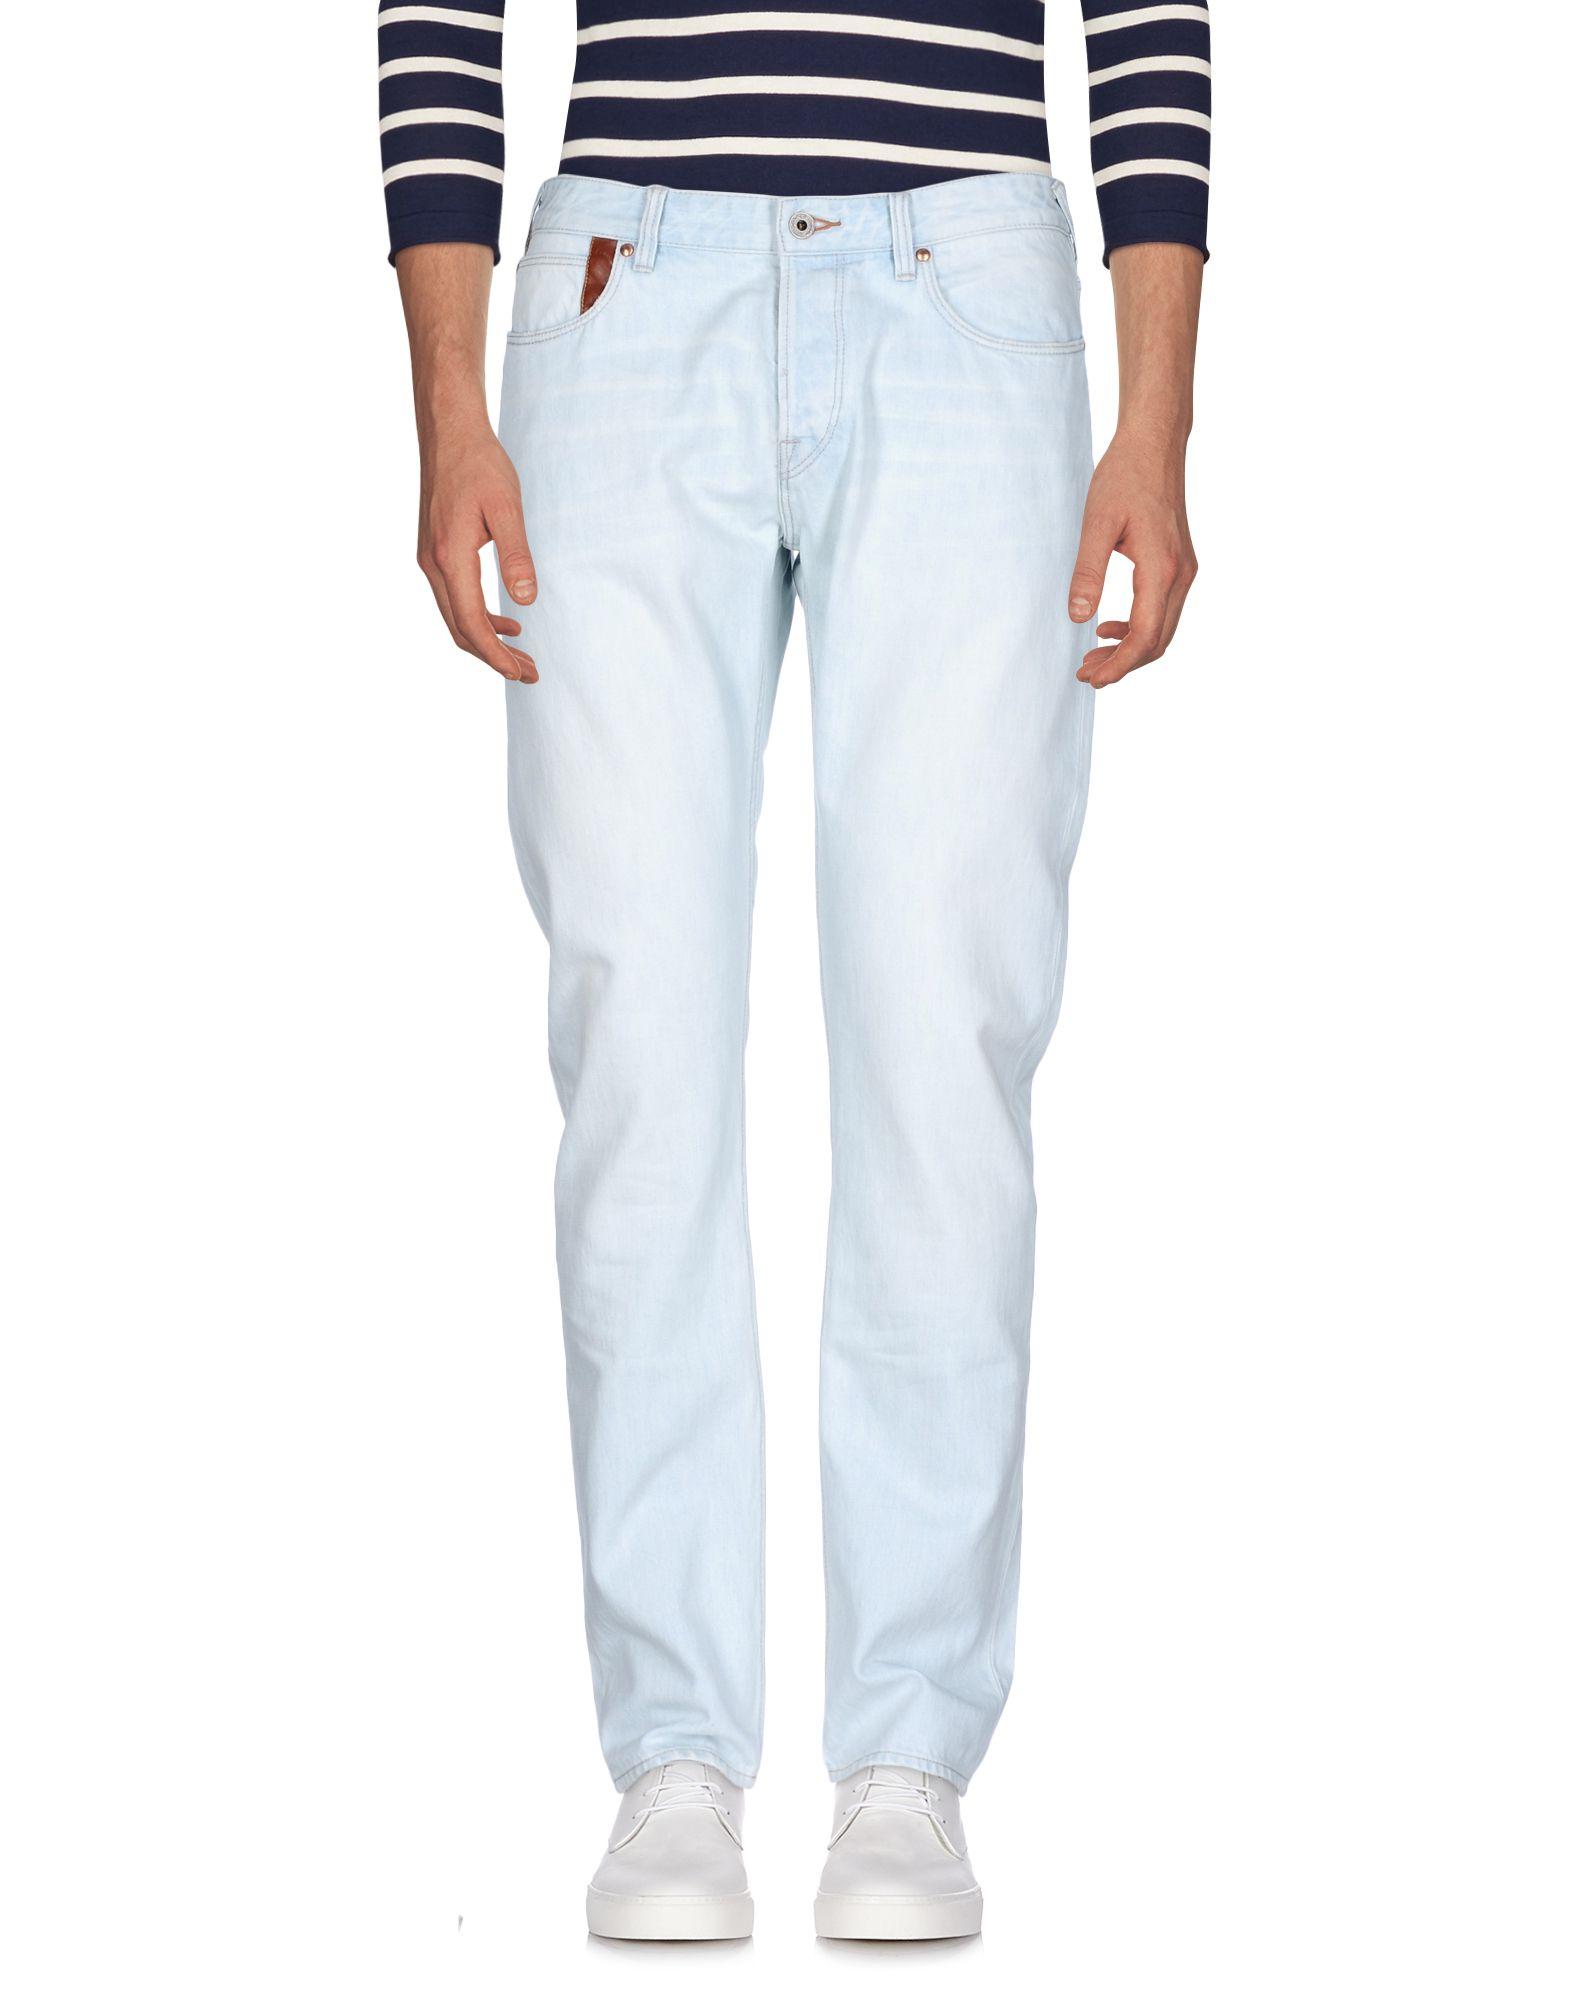 купить RED EAR JAPAN by PAUL SMITH Джинсовые брюки по цене 7800 рублей